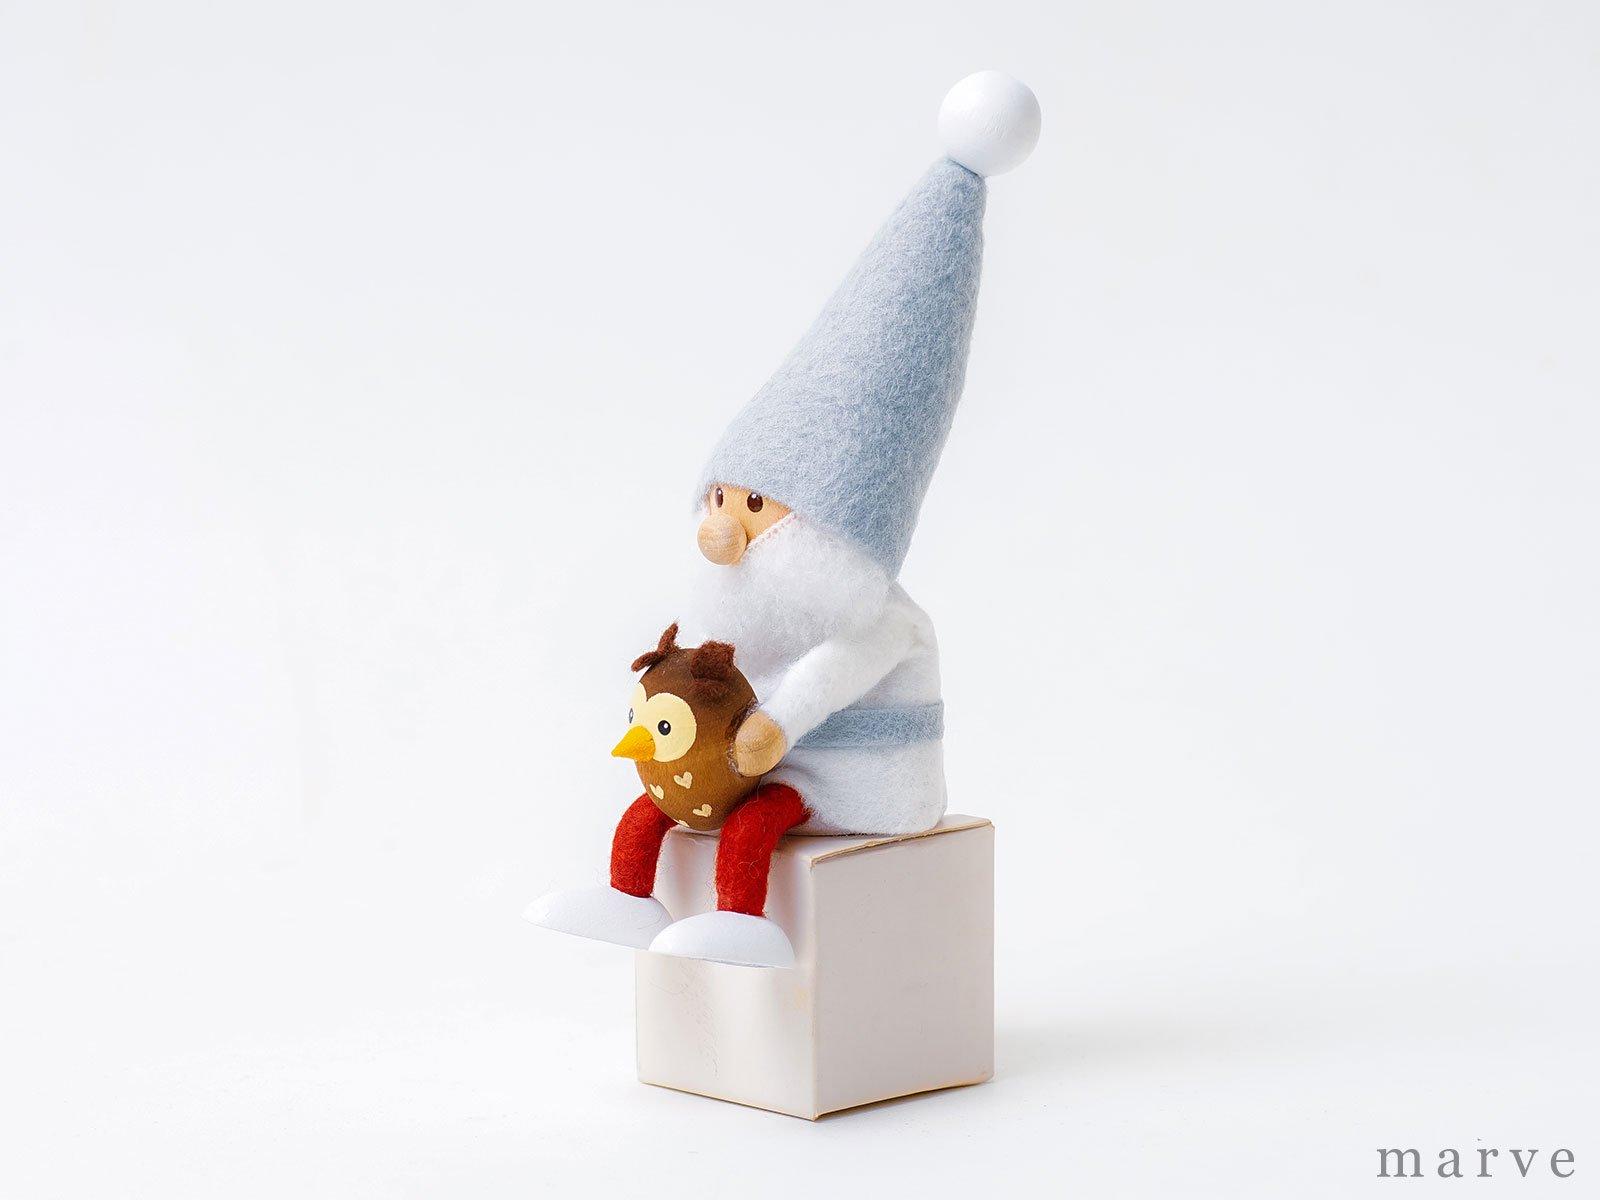 【完売しました】NORDIKA design ニッセドール「フクロウを抱えたサンタ」